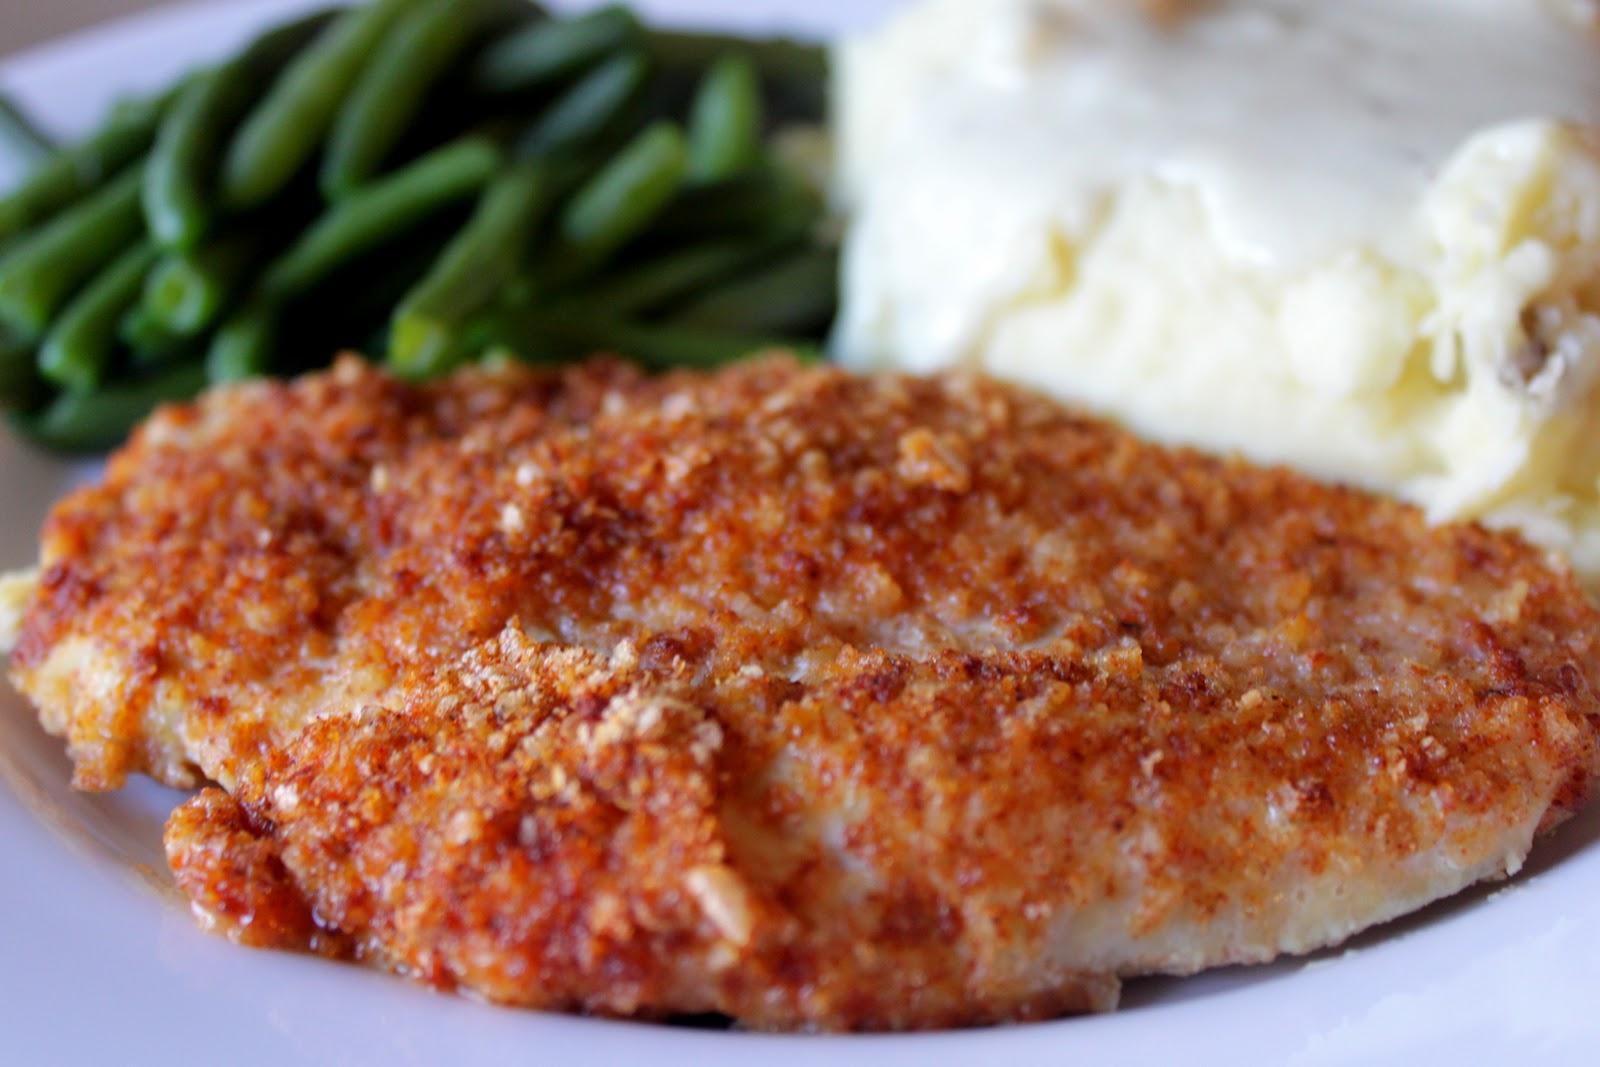 The Cook Next Door: Crispy Oven-fried Chicken